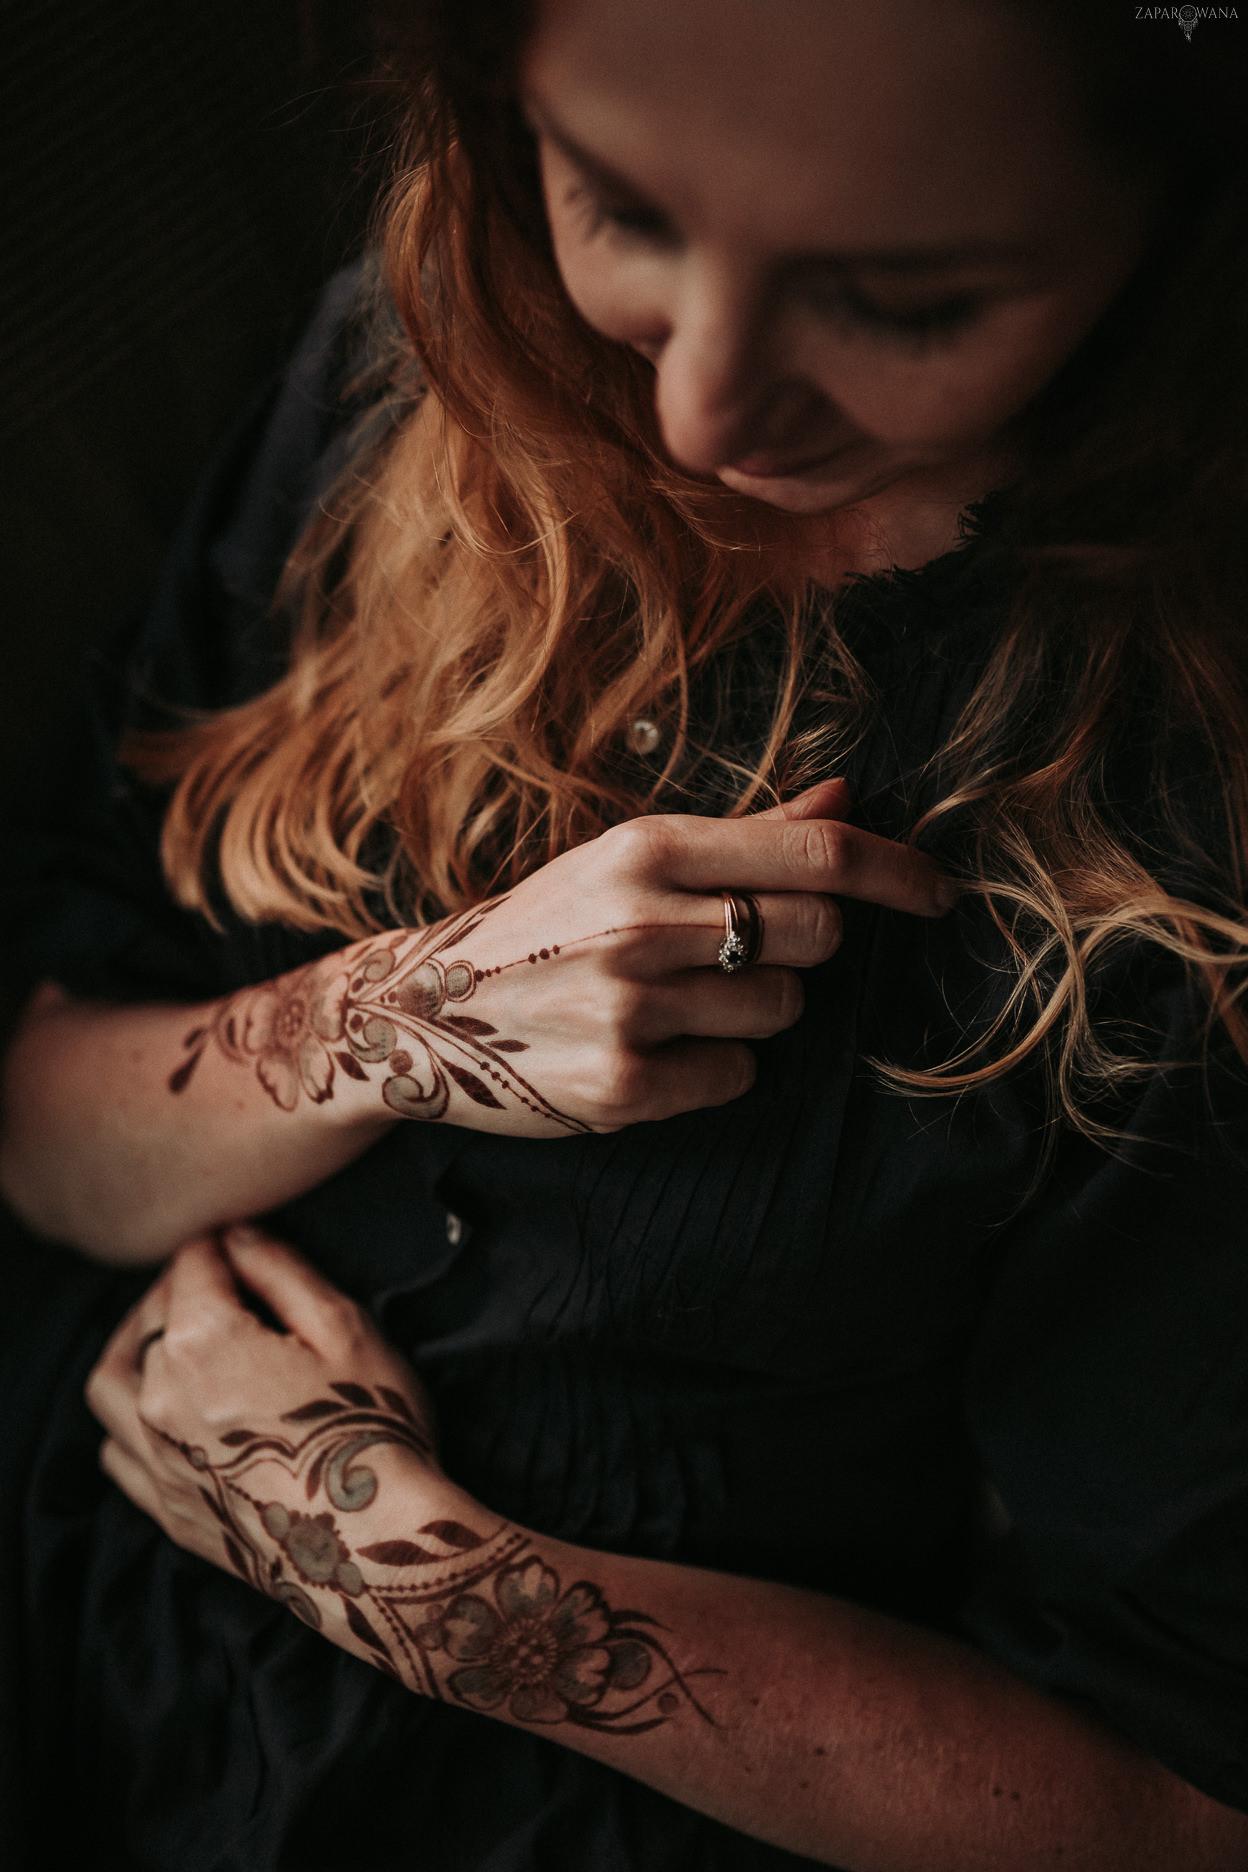 ZAPAROWANA - Fotograf ślubny - Sesja narzeczeńska Warszawa - Tatuaż z henny